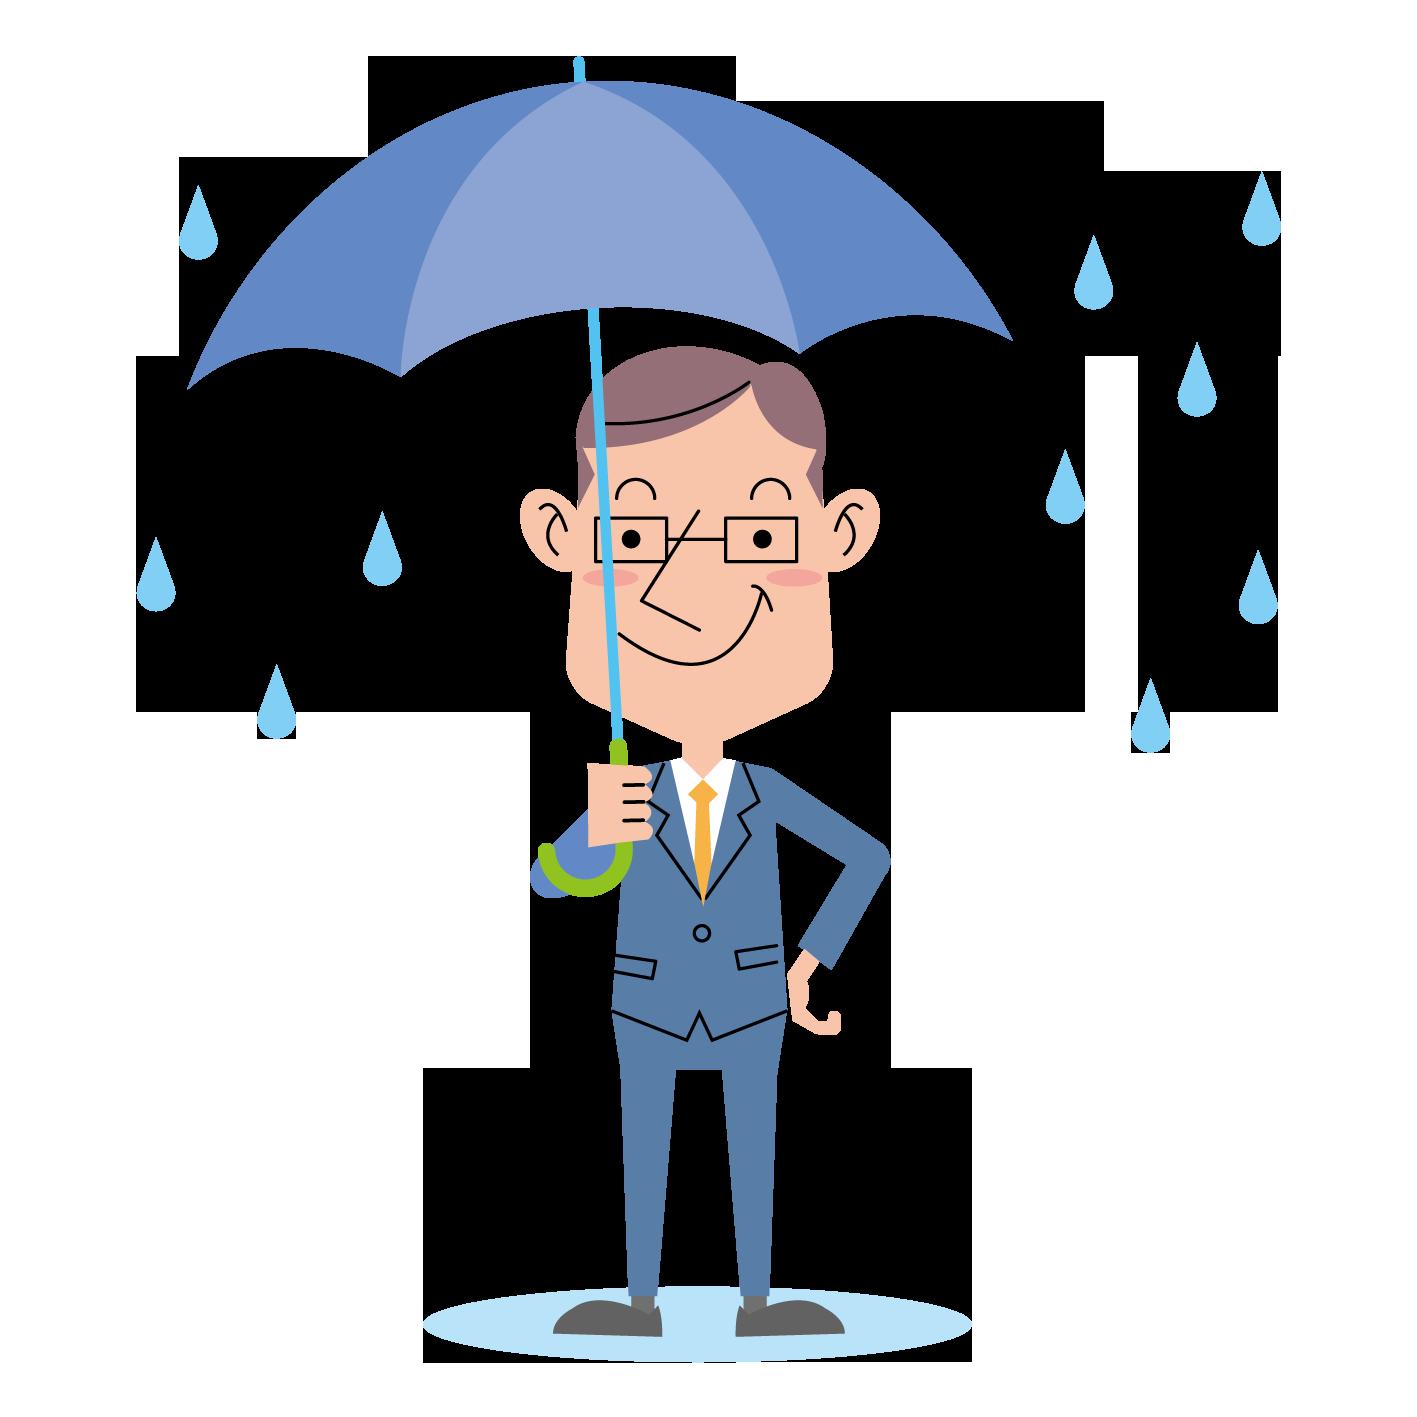 〈無料イラスト素材〉雨の日イメージの表情・ポーズいろいろ